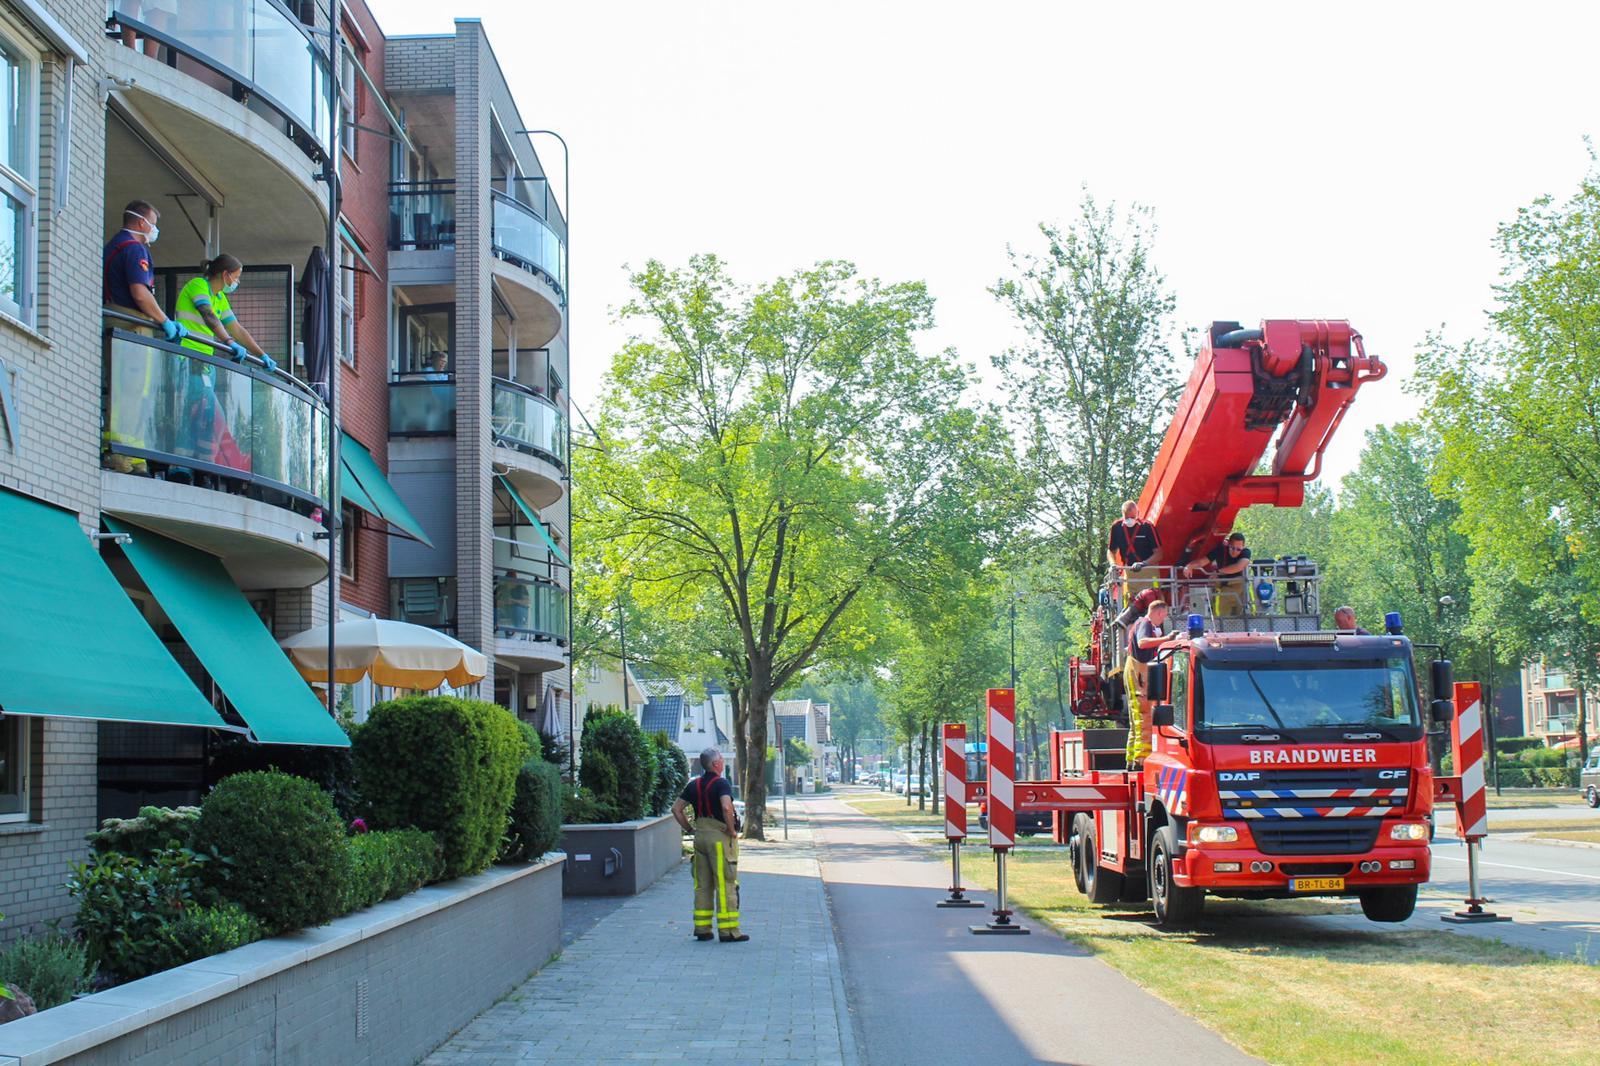 Wat doen die brandweerwagens nou aan de Koning Stadhouderlaan?